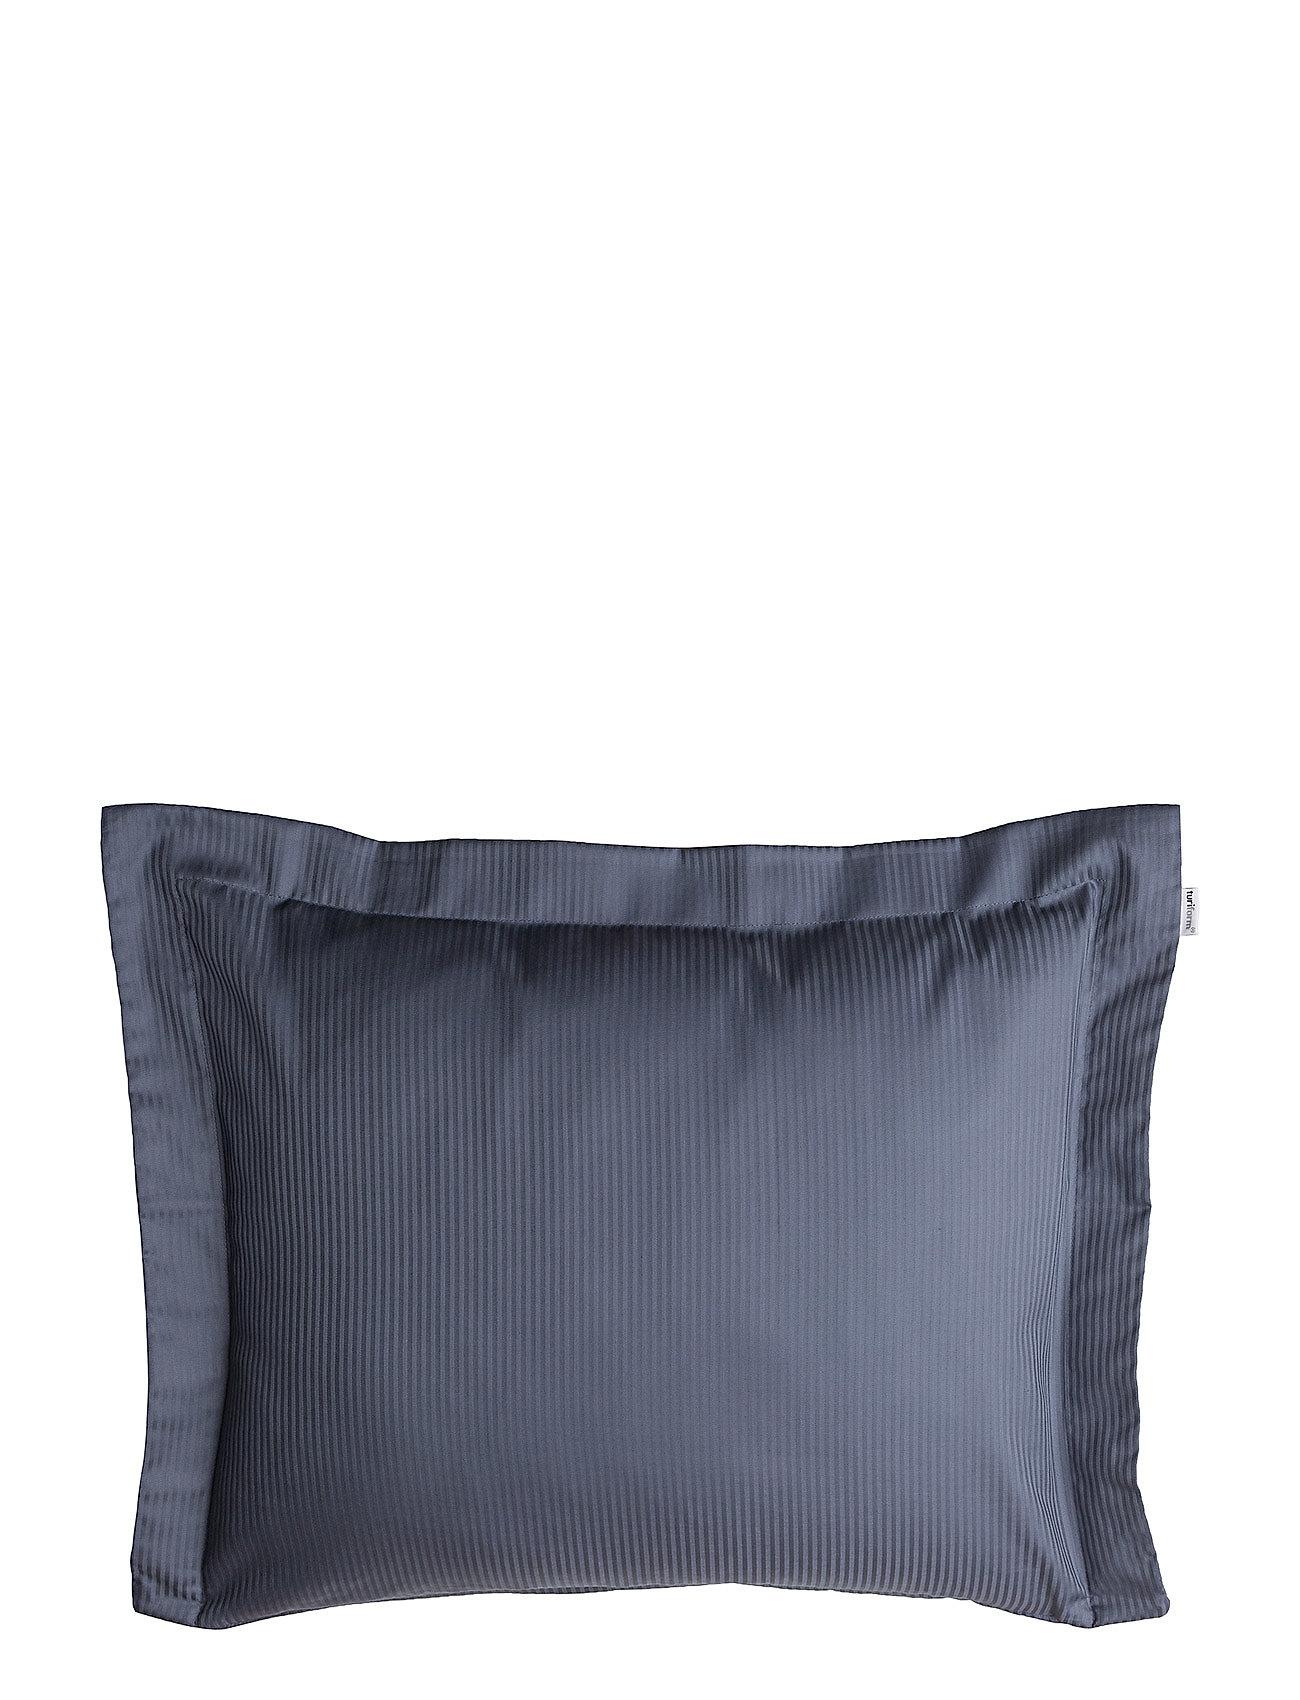 Turiform Turistripe Pillowcase - DARK BLUE